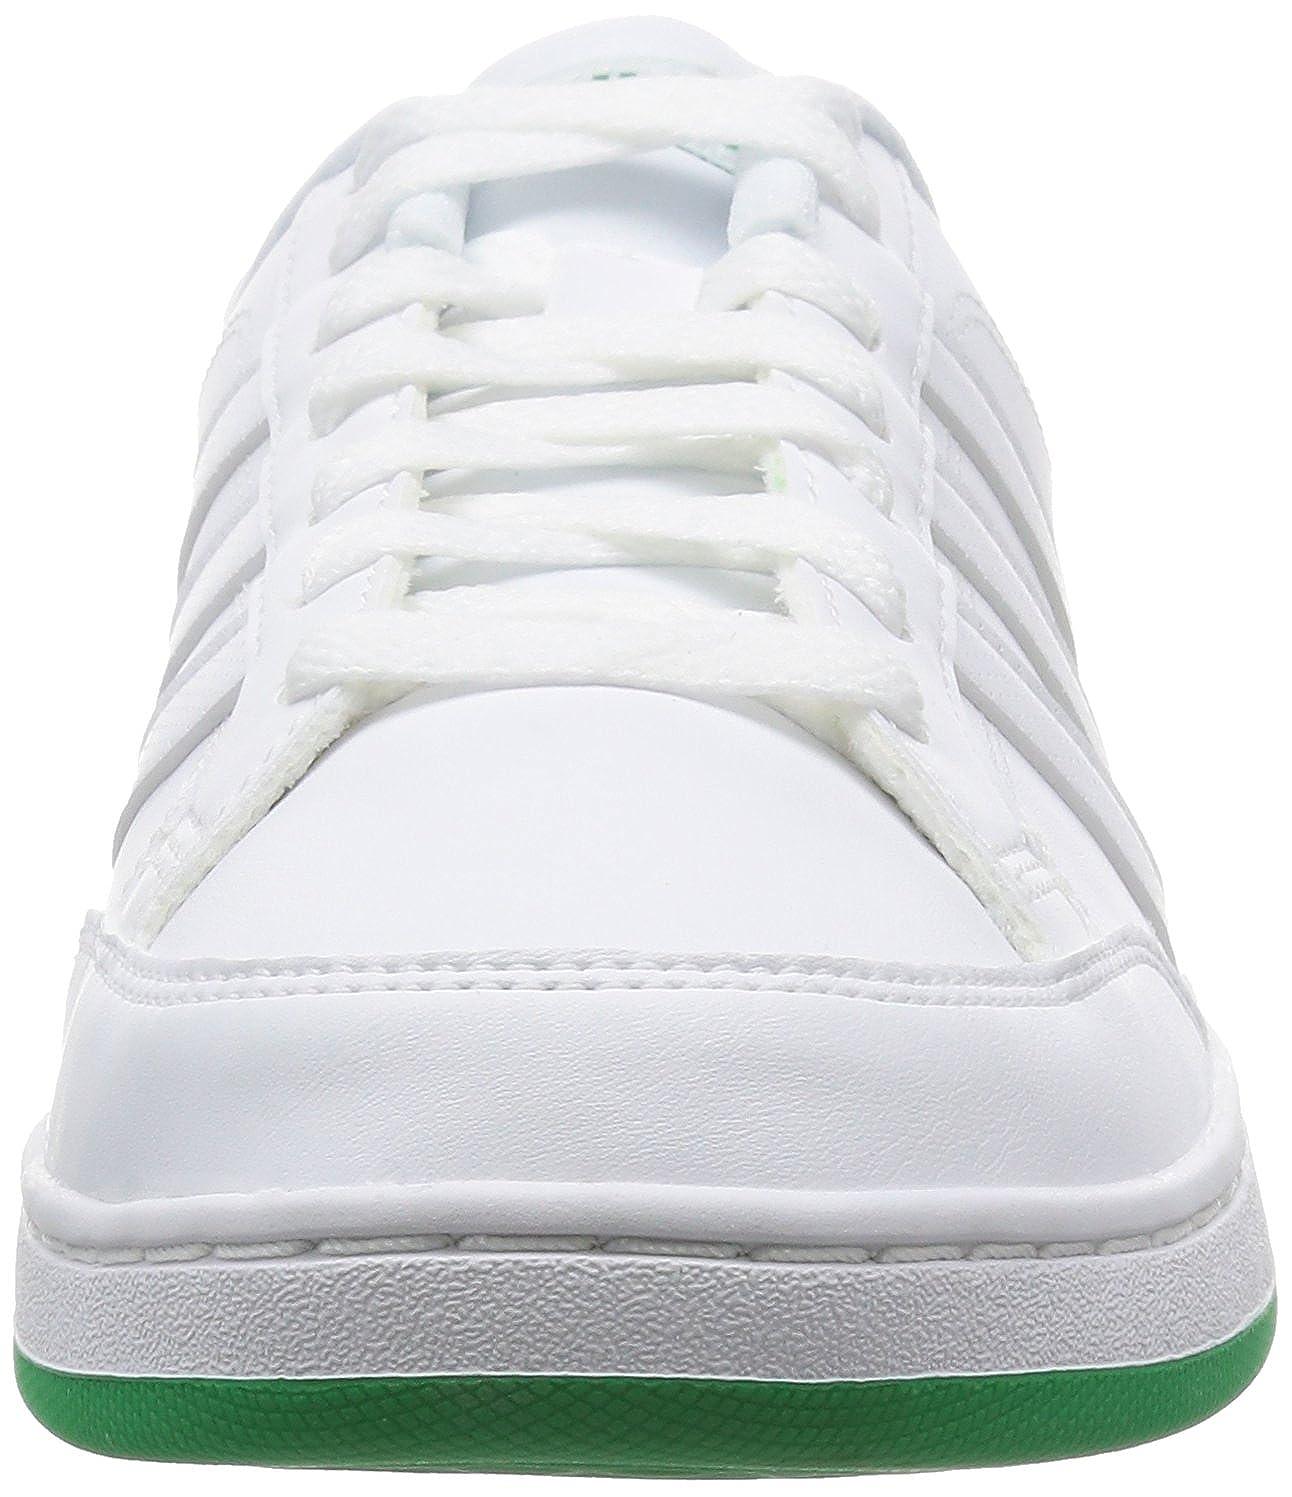 Adidas Courtset, Courtset, Courtset, Scarpe Low-Top Uomo e0e0b0